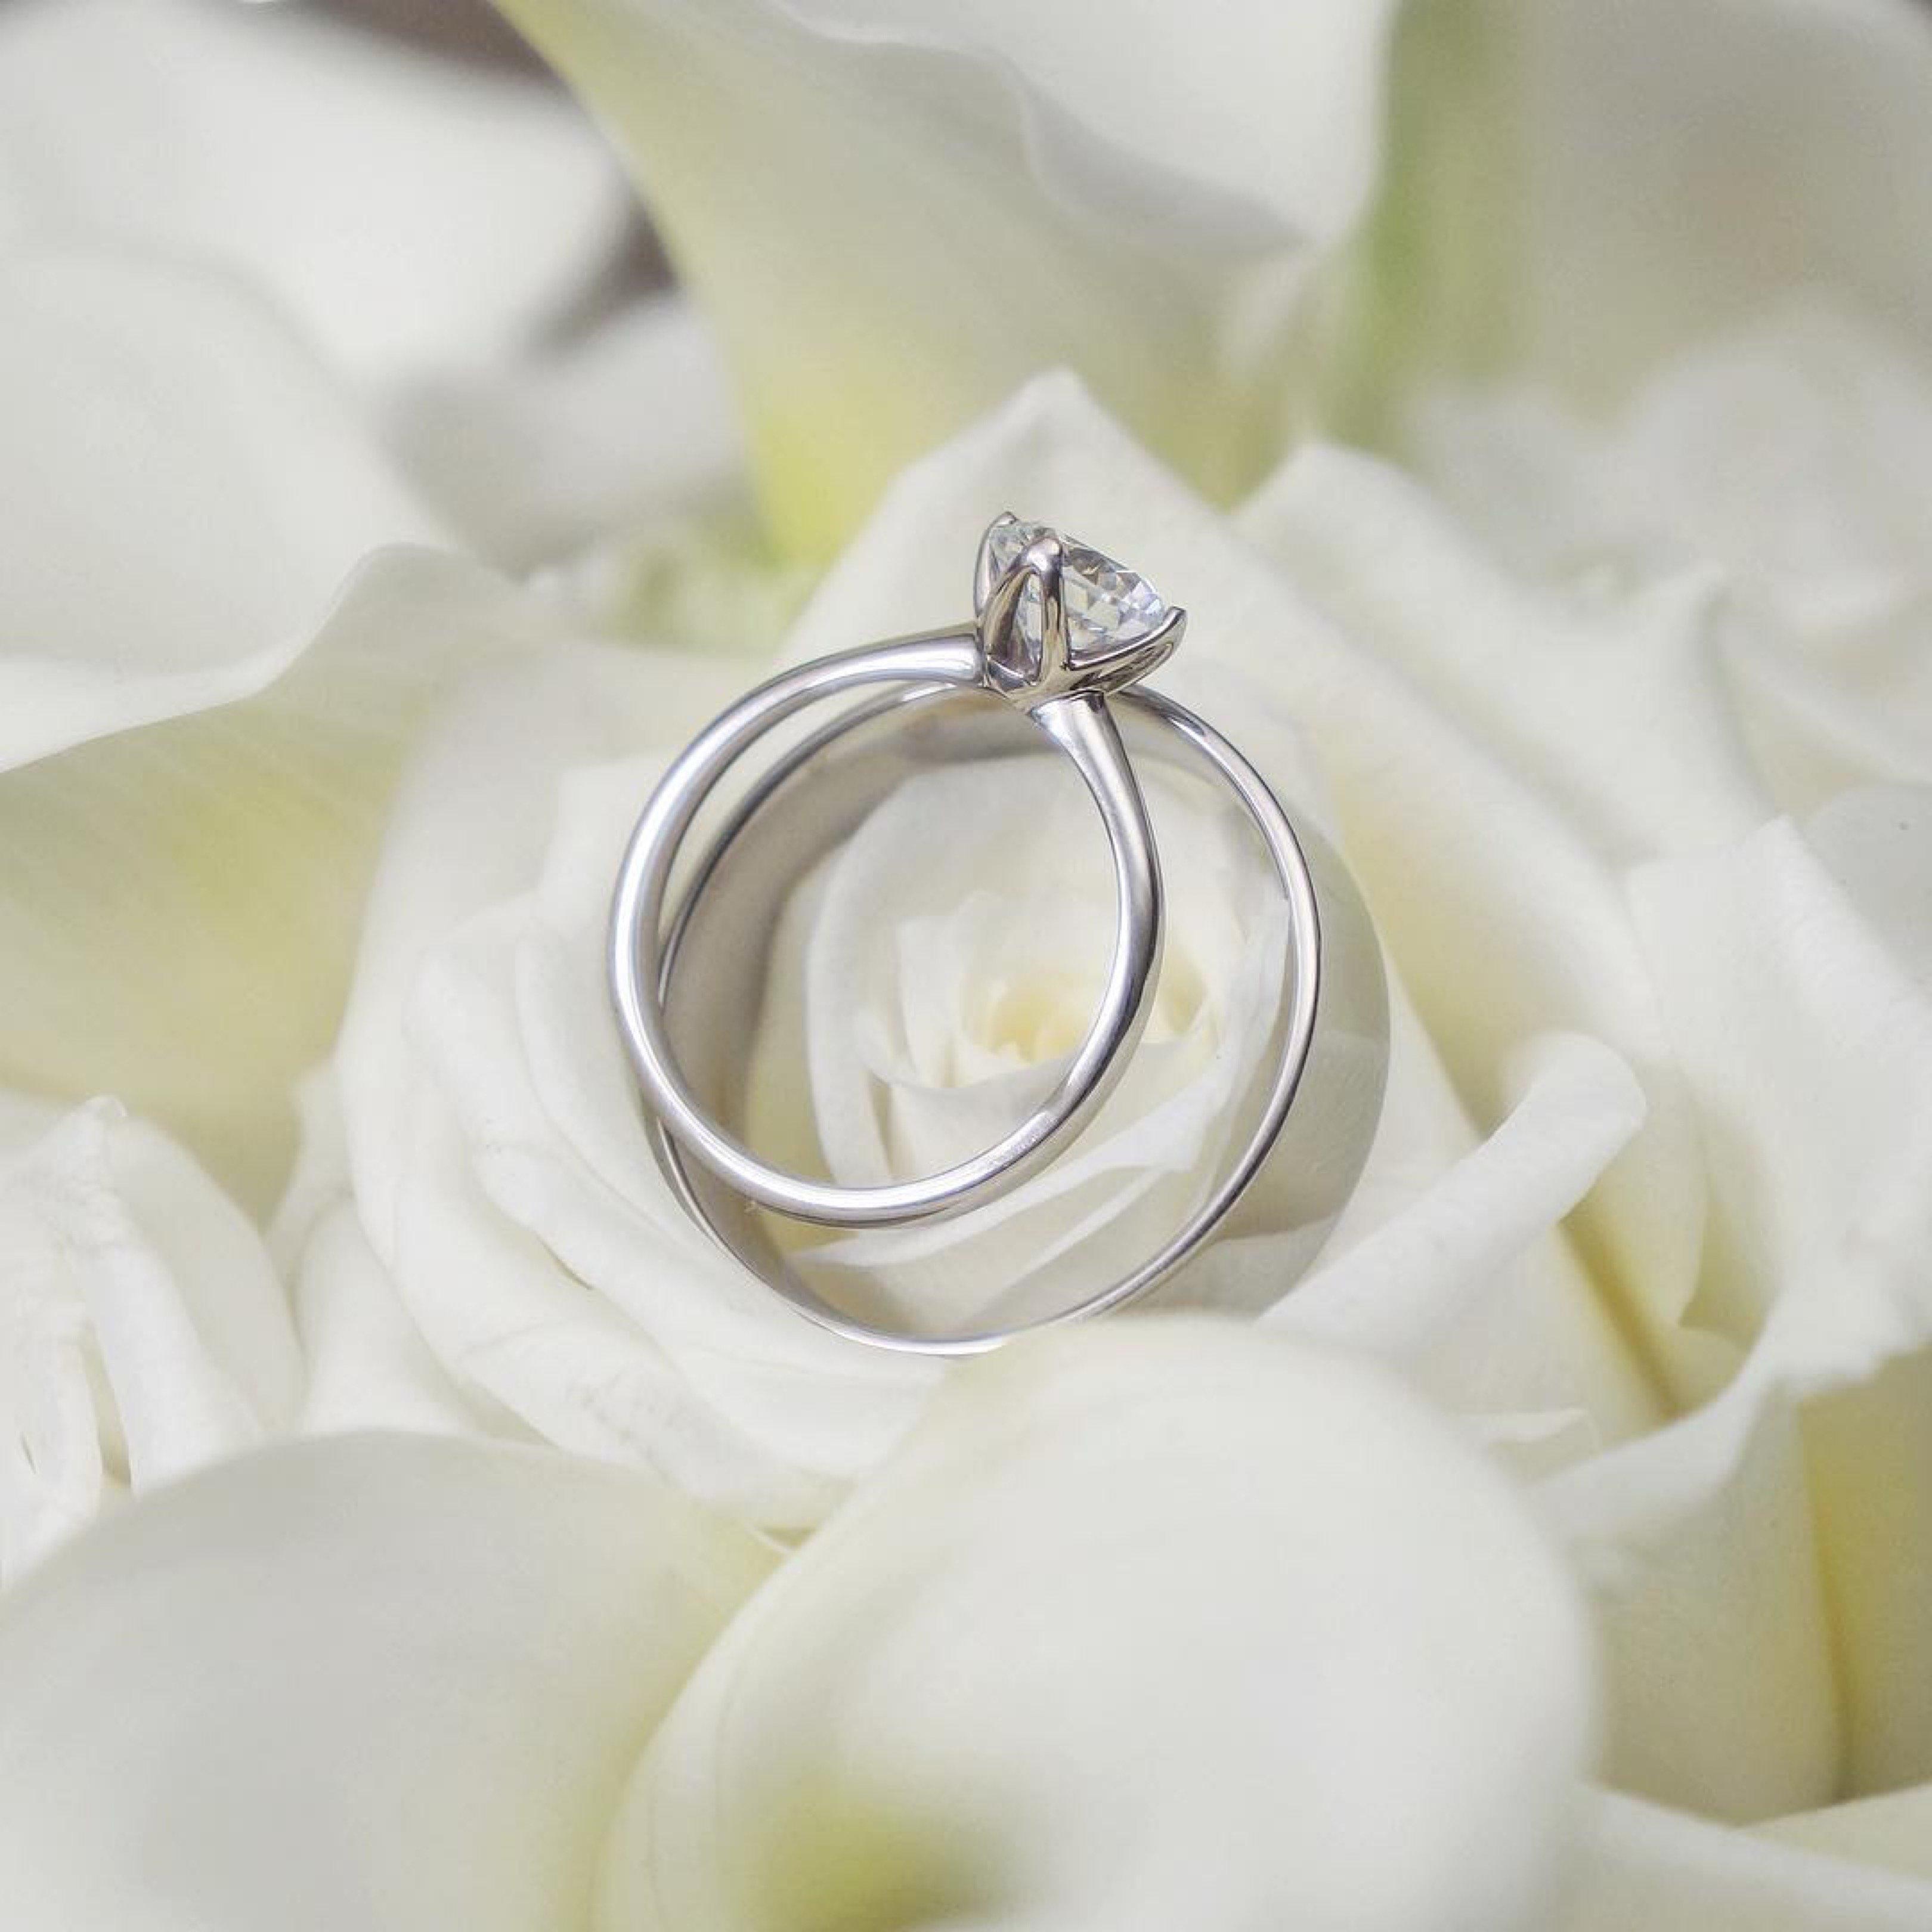 Paula & Daniel's Wedding rings